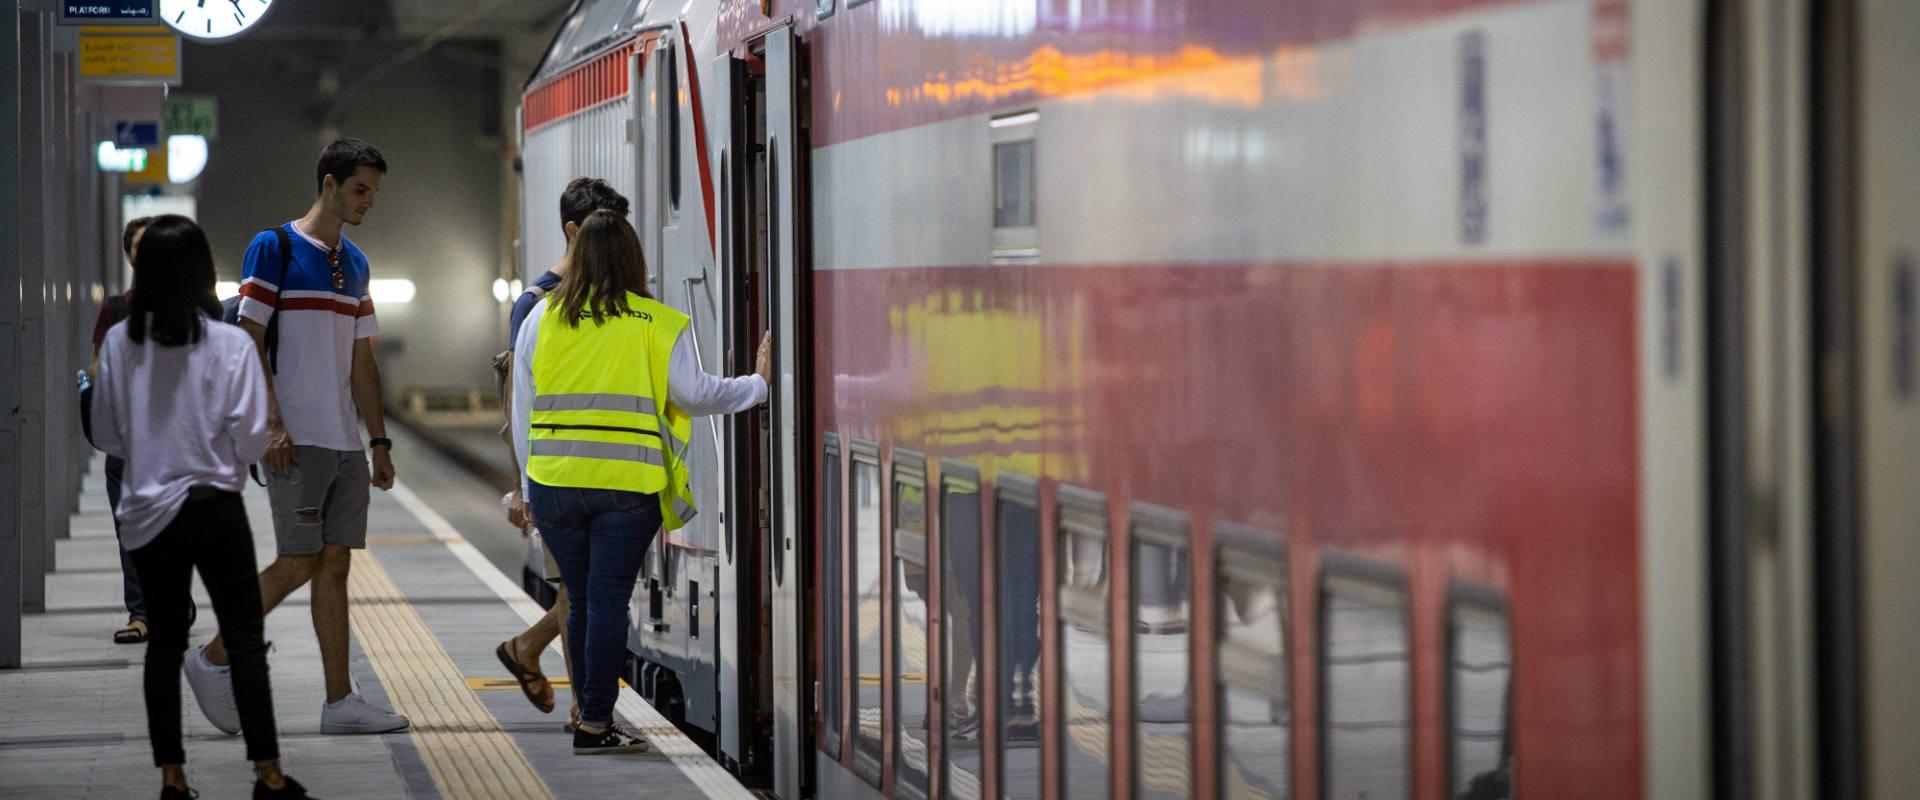 הרכבת לירושלים